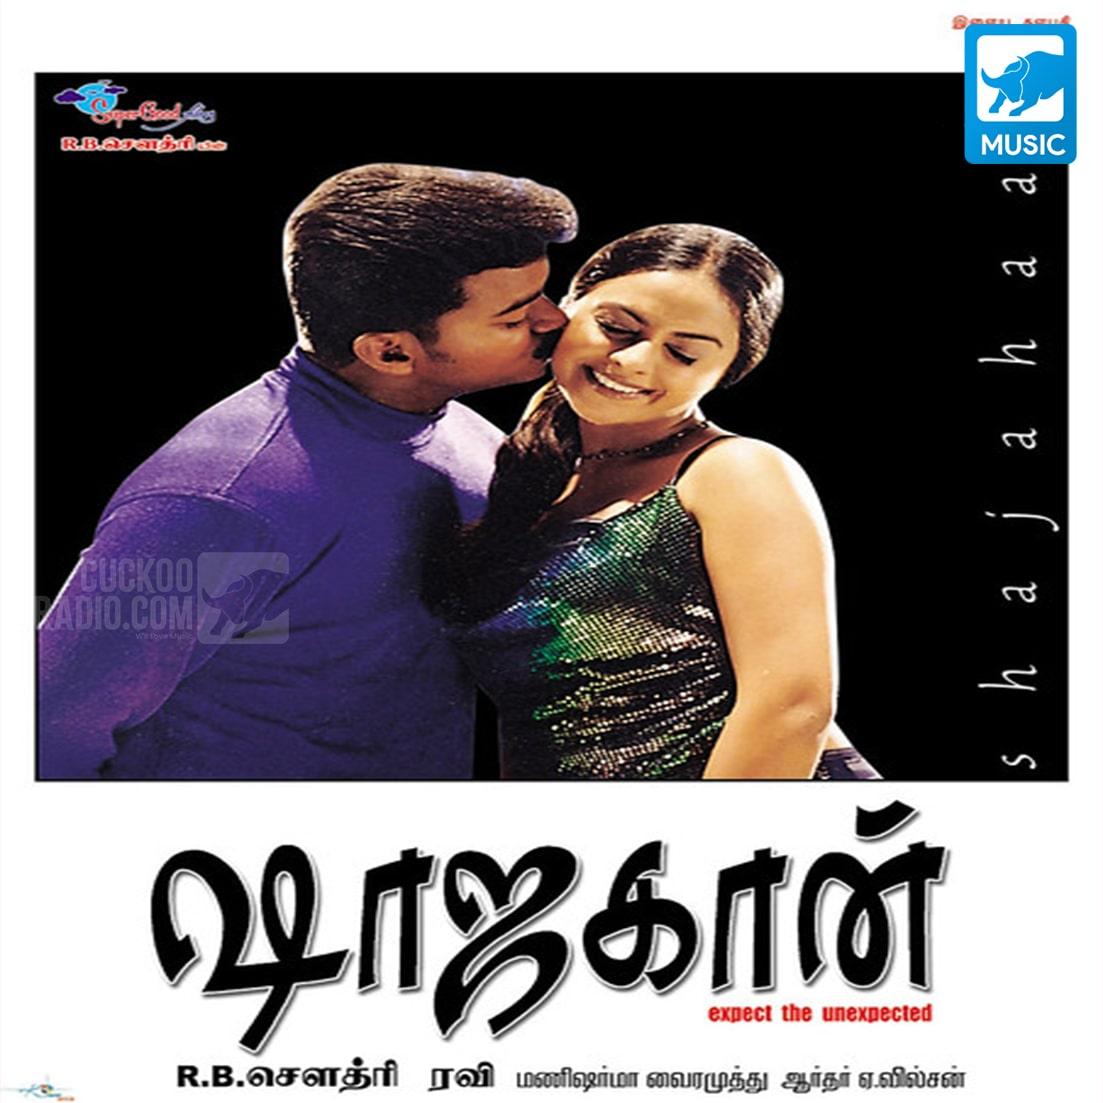 Sajahaan Thalapathy Vijay Movie,Thalapathy